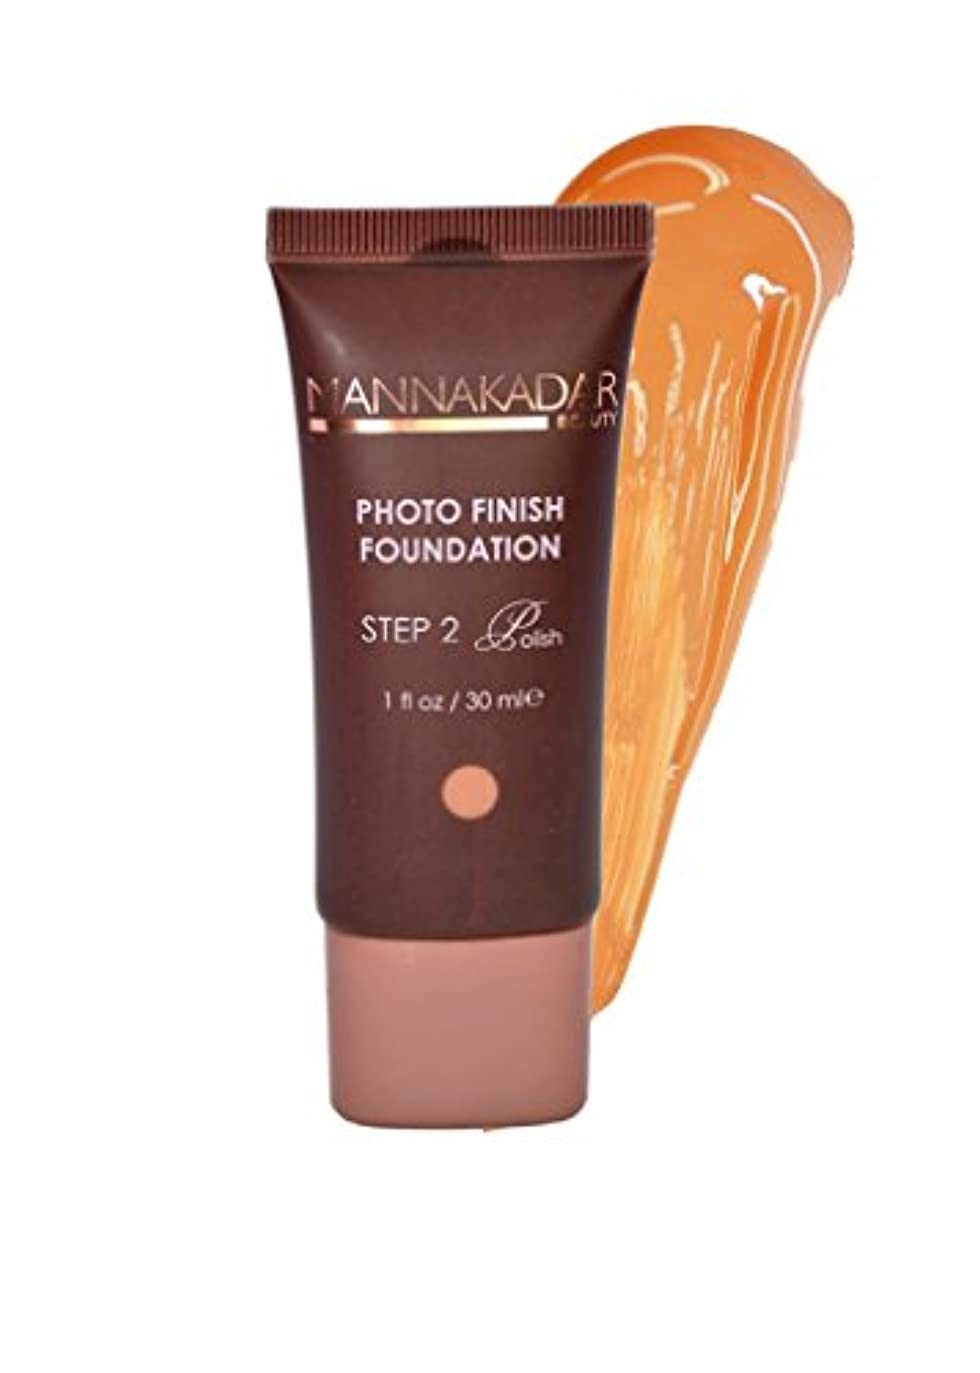 トンネルパット精緻化Manna Kadar Cosmetics フォトフィニッシュ財団C6 - 完璧なタン